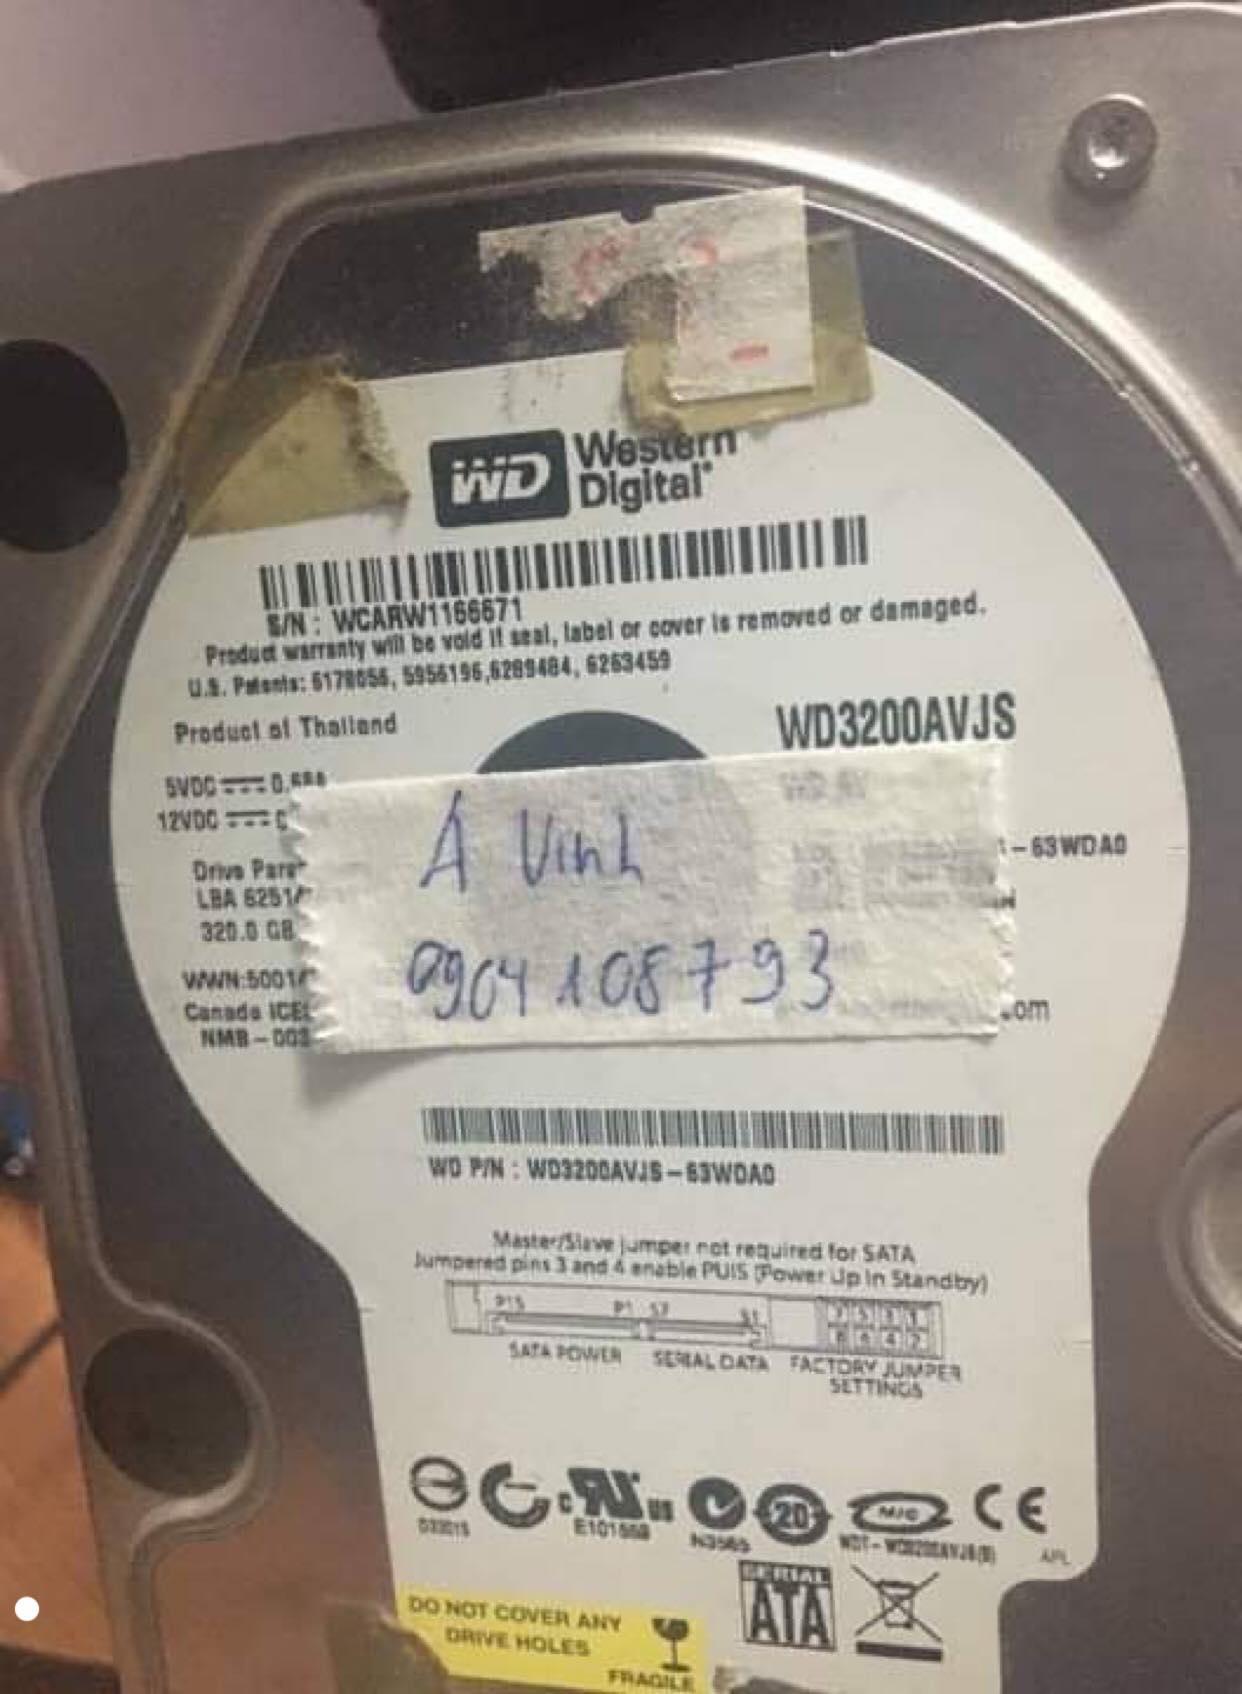 Phục hồi dữ liệu ổ cứng Western 320GB mất dữ liệu 01/02/2020 - cuumaytinh